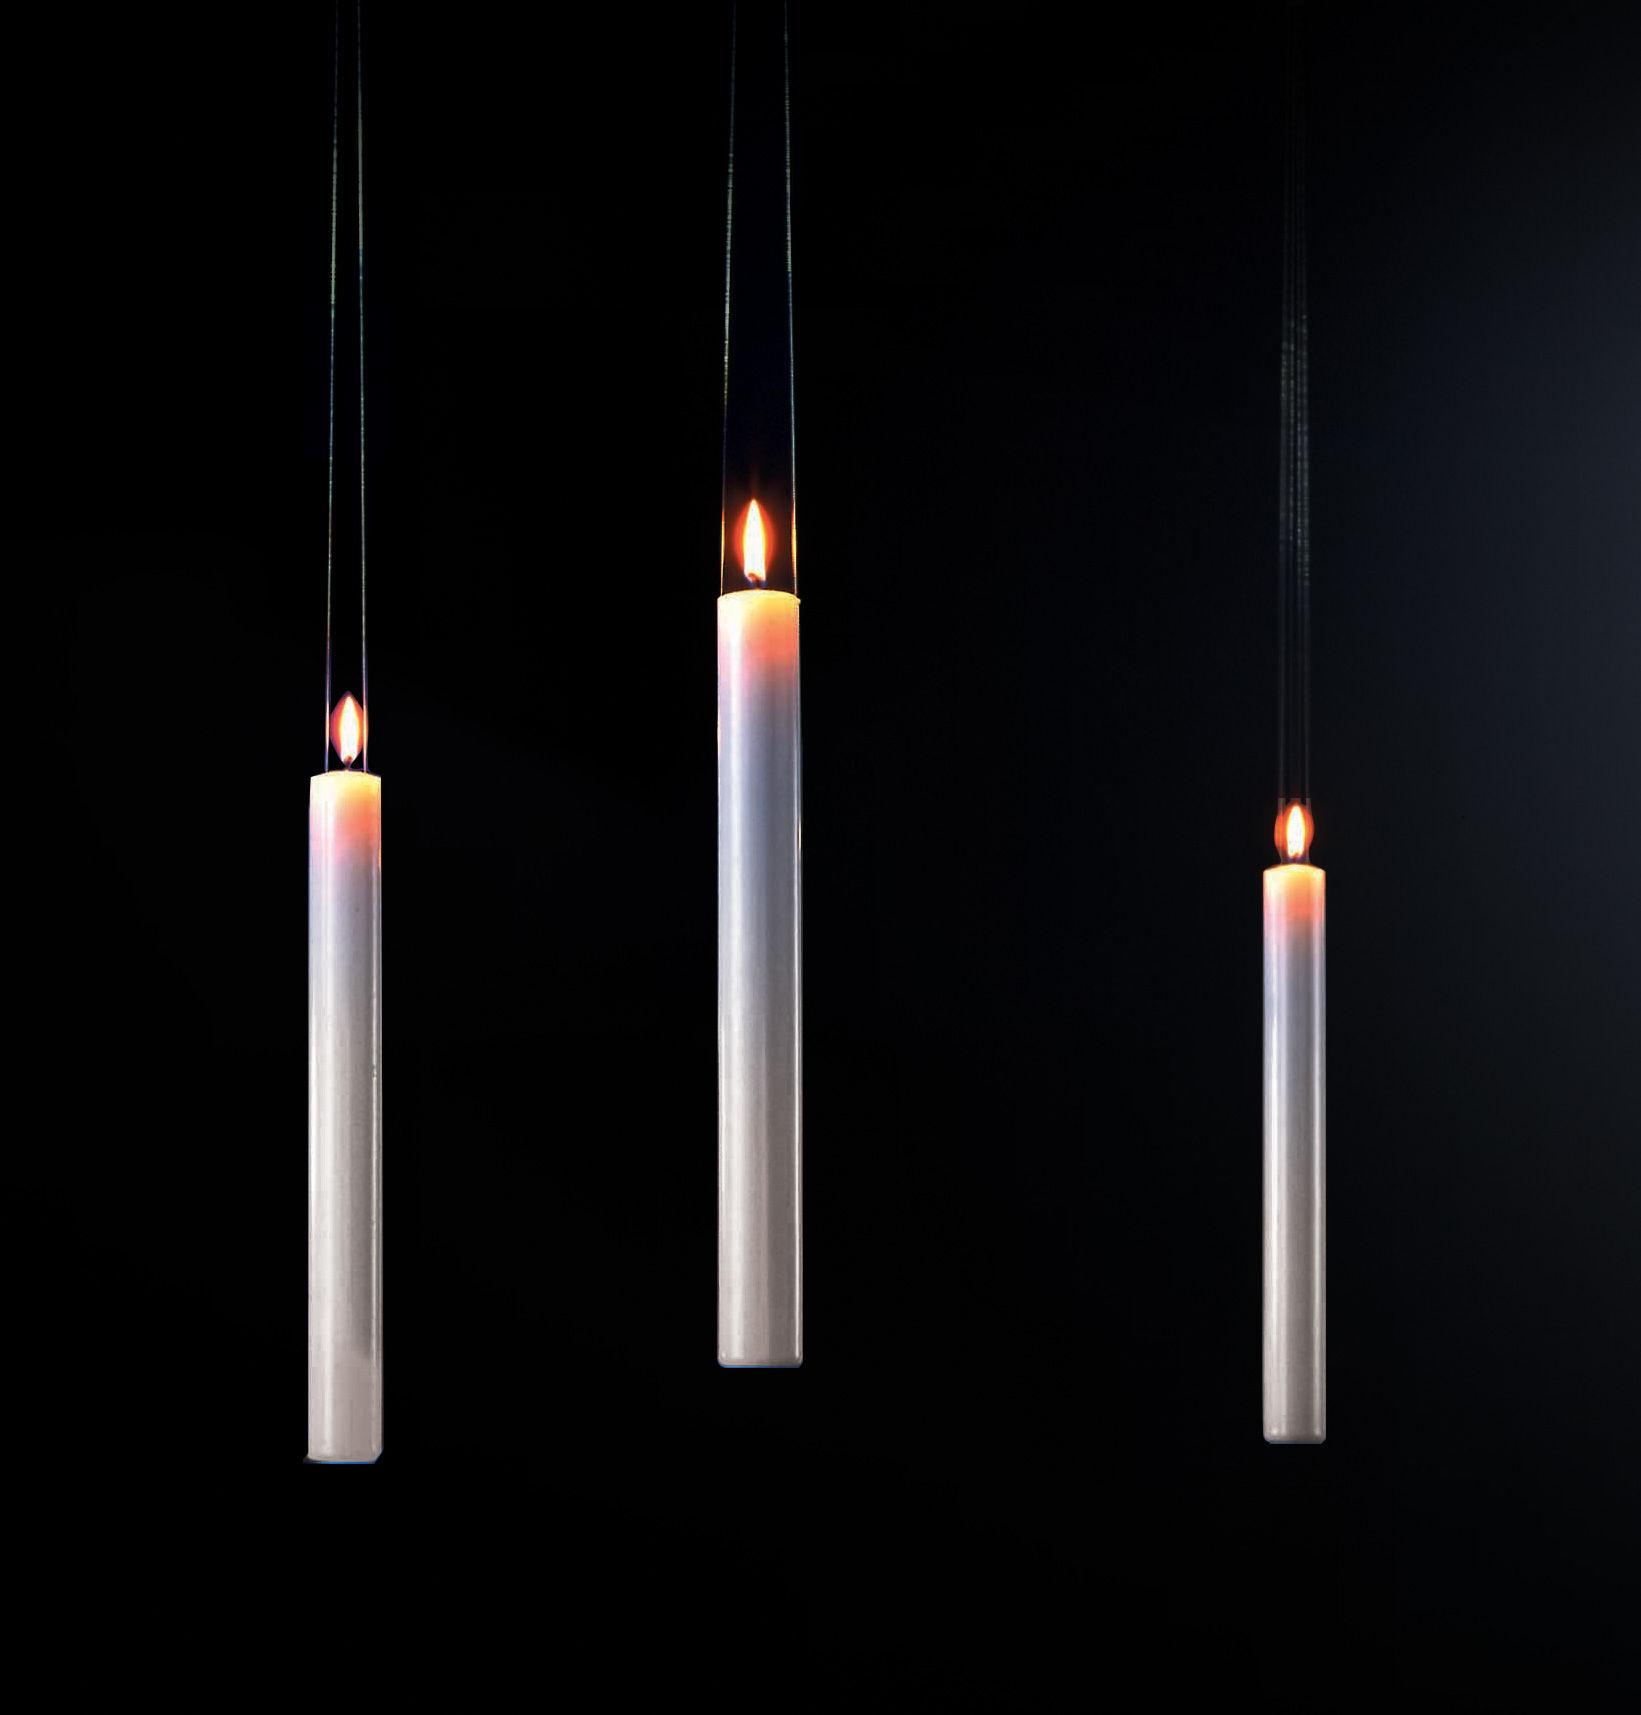 Interni - Insoliti e divertenti - Candela Fly Candle Fly! - Da sospensione di Ingo Maurer - Bianco - Cera, Plastica